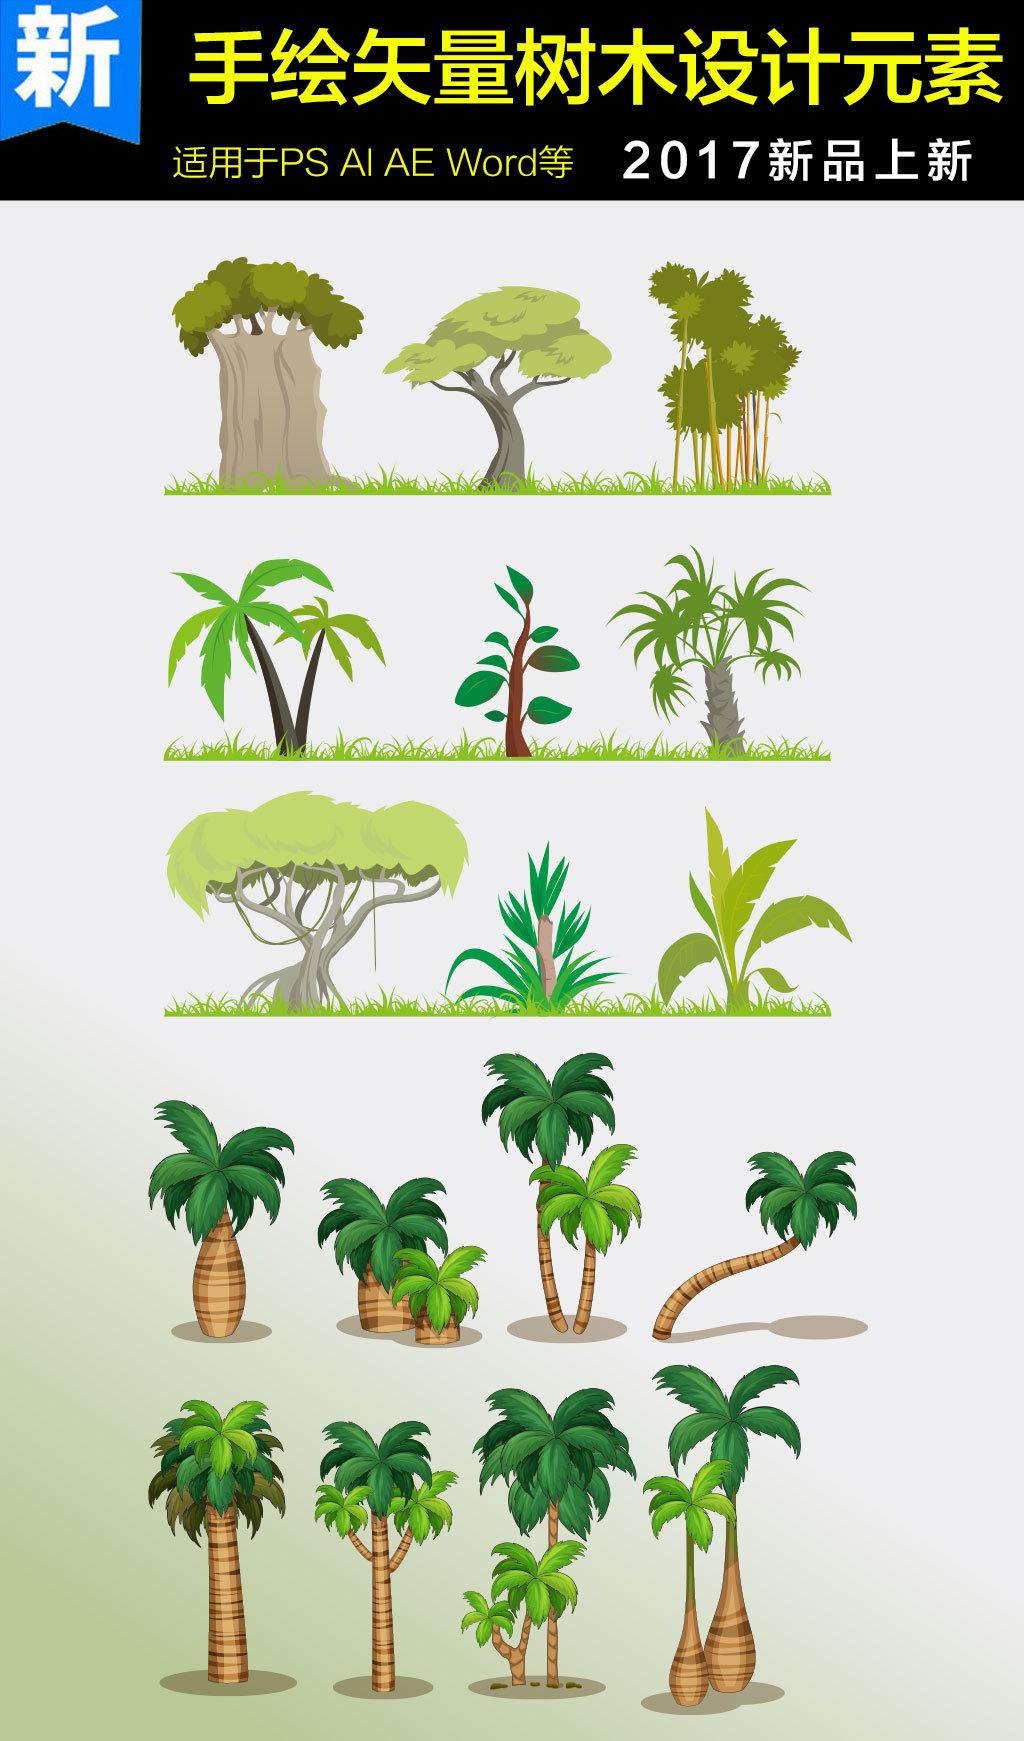 树木生长手绘动态图